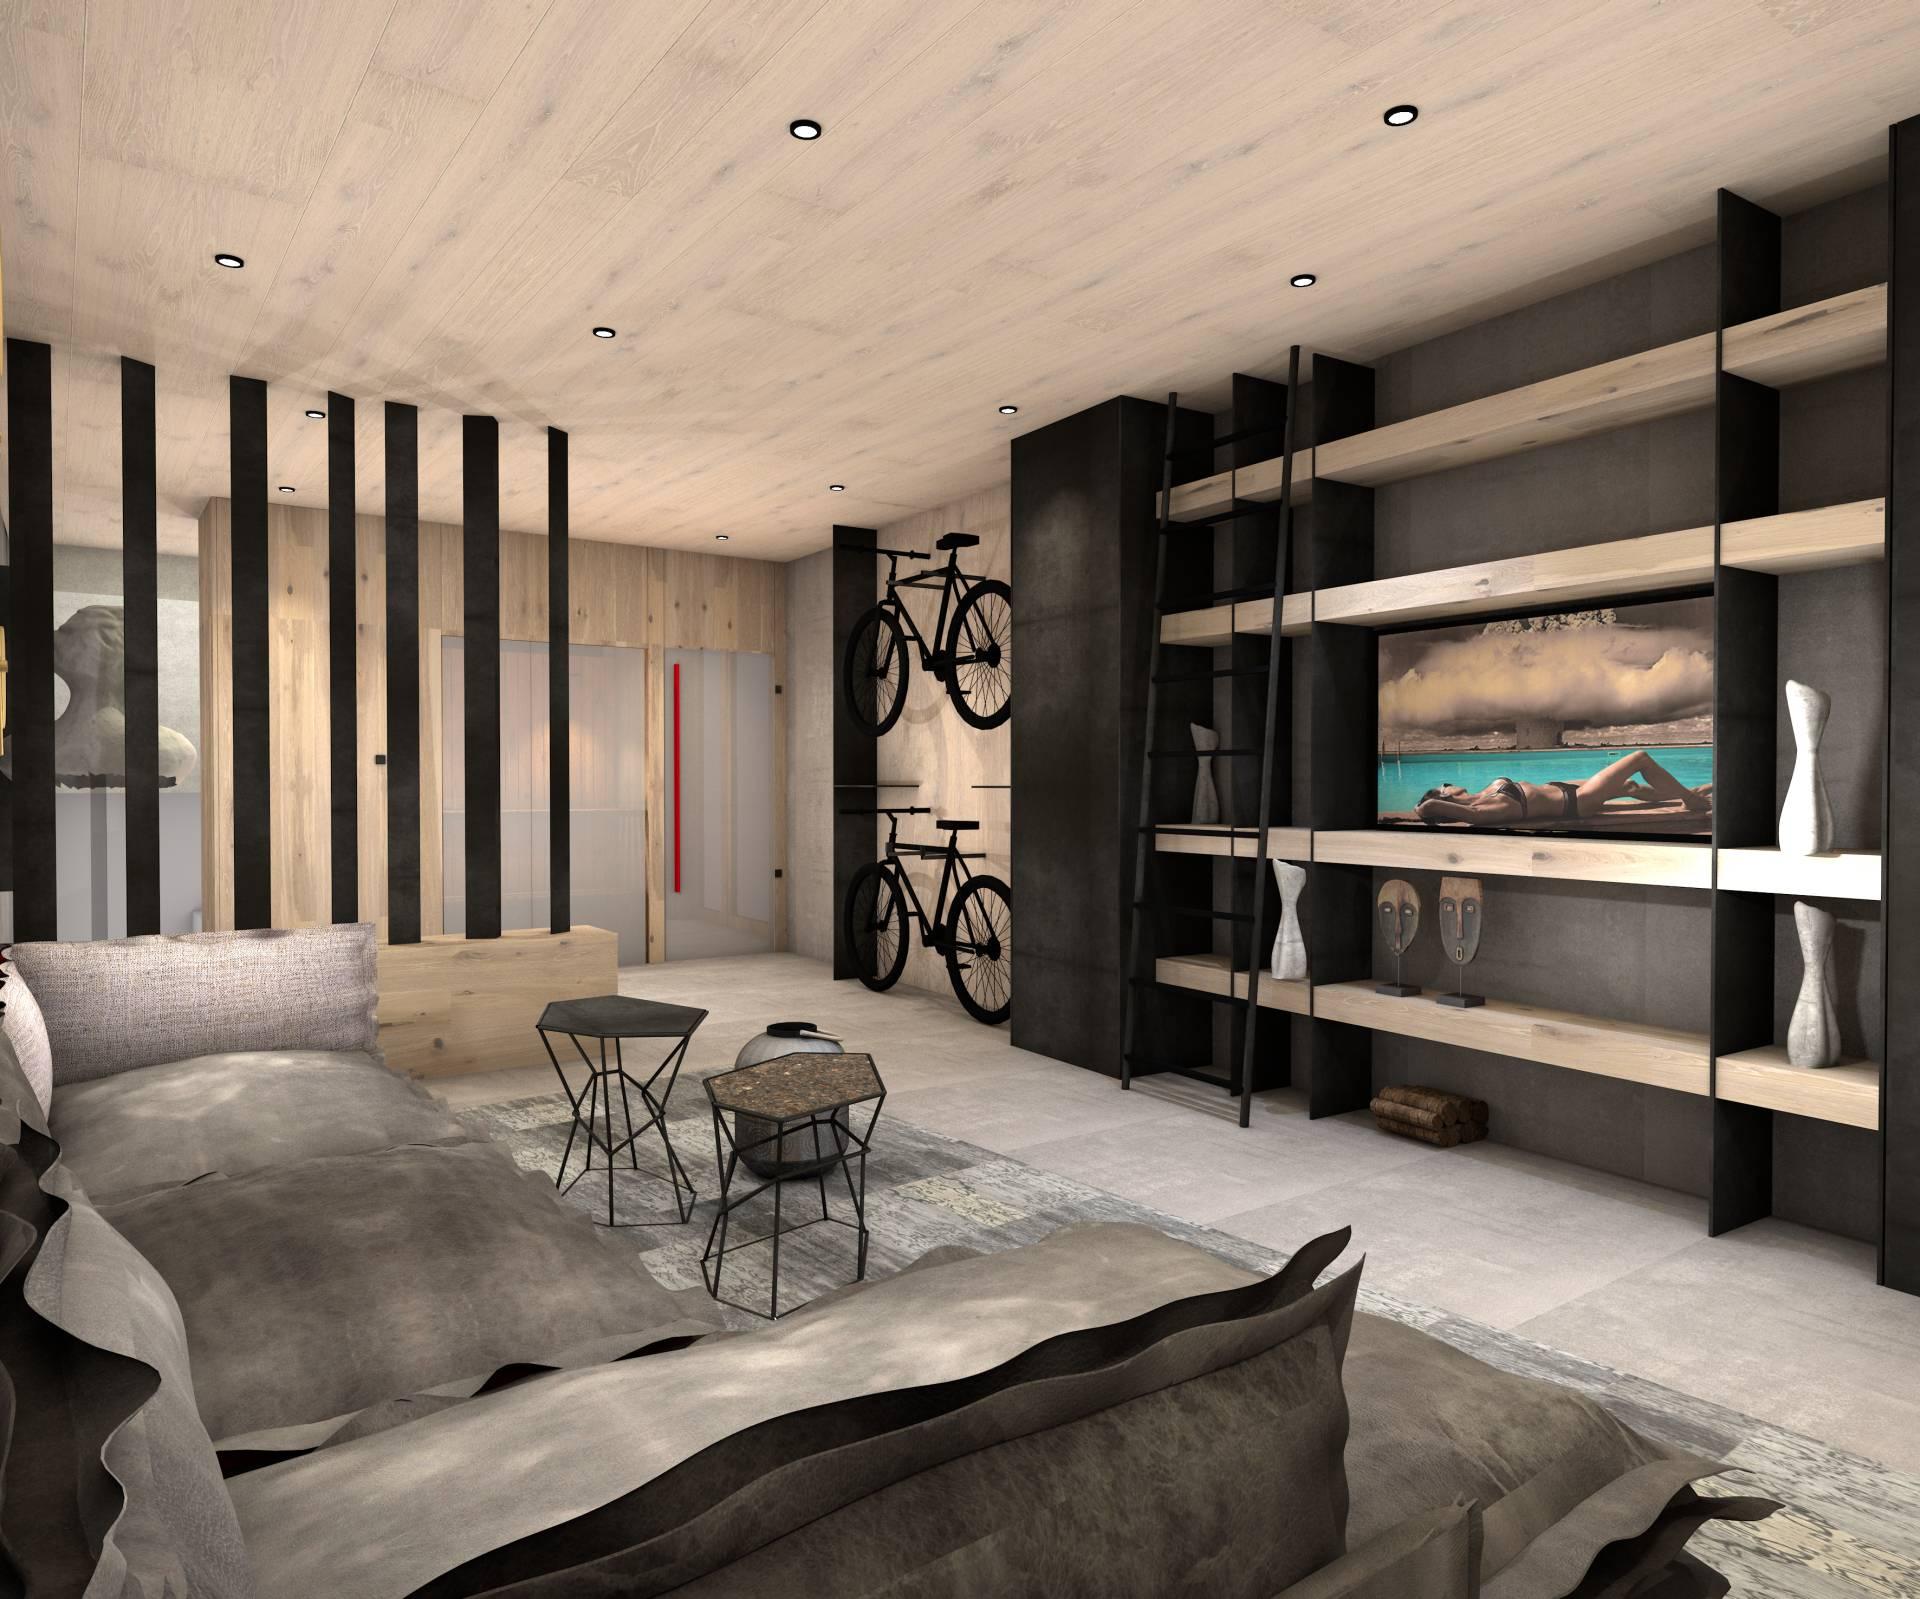 sendlhofer-wohnzimmer-planung